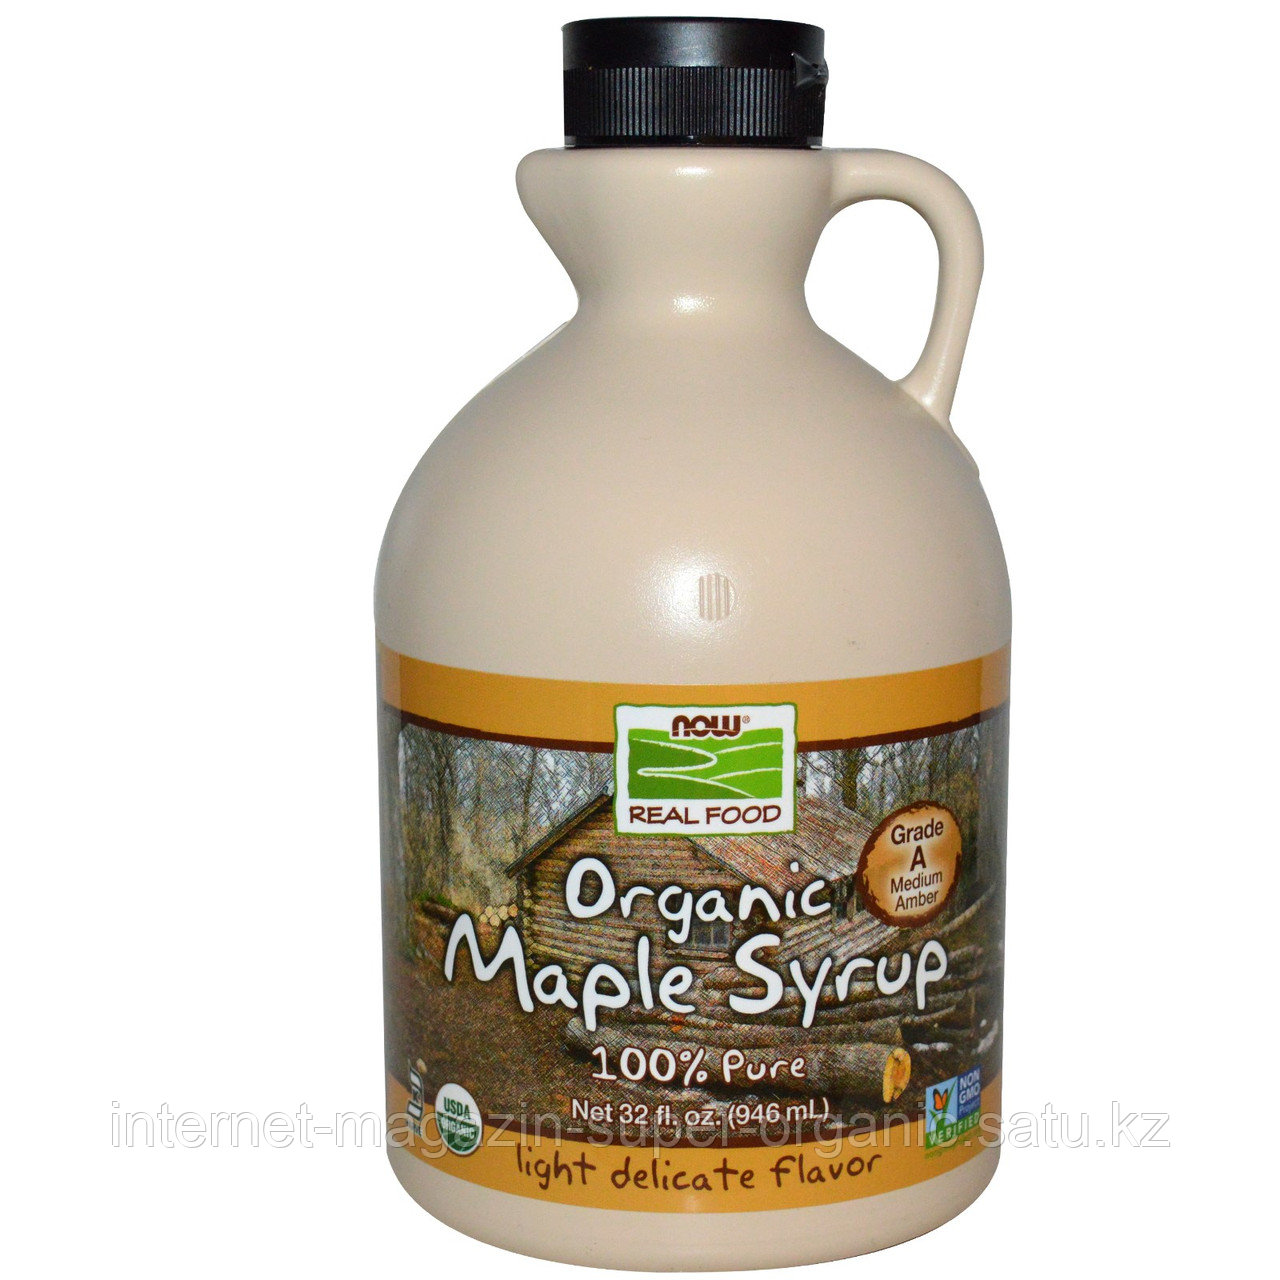 Кленовый сироп органический, класс А, средний янтарный, 946 мл. Now Foods, Real Food